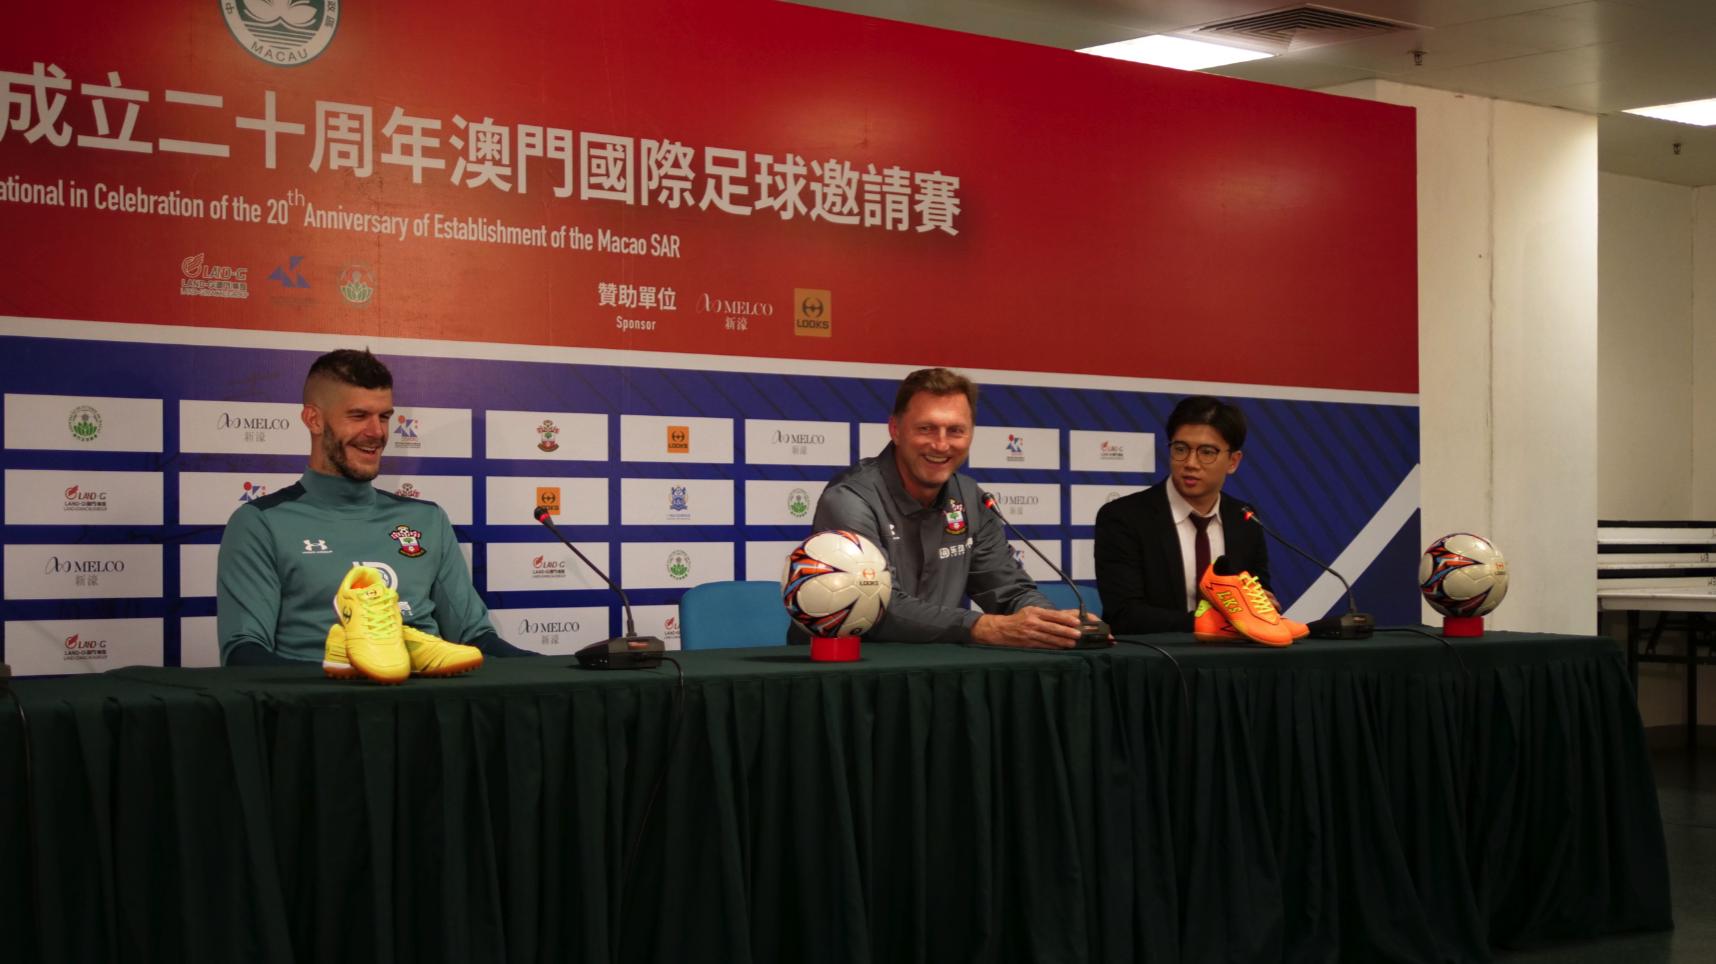 哈帅:新赛季会继续使用新人;我不区分年轻球员和老球员